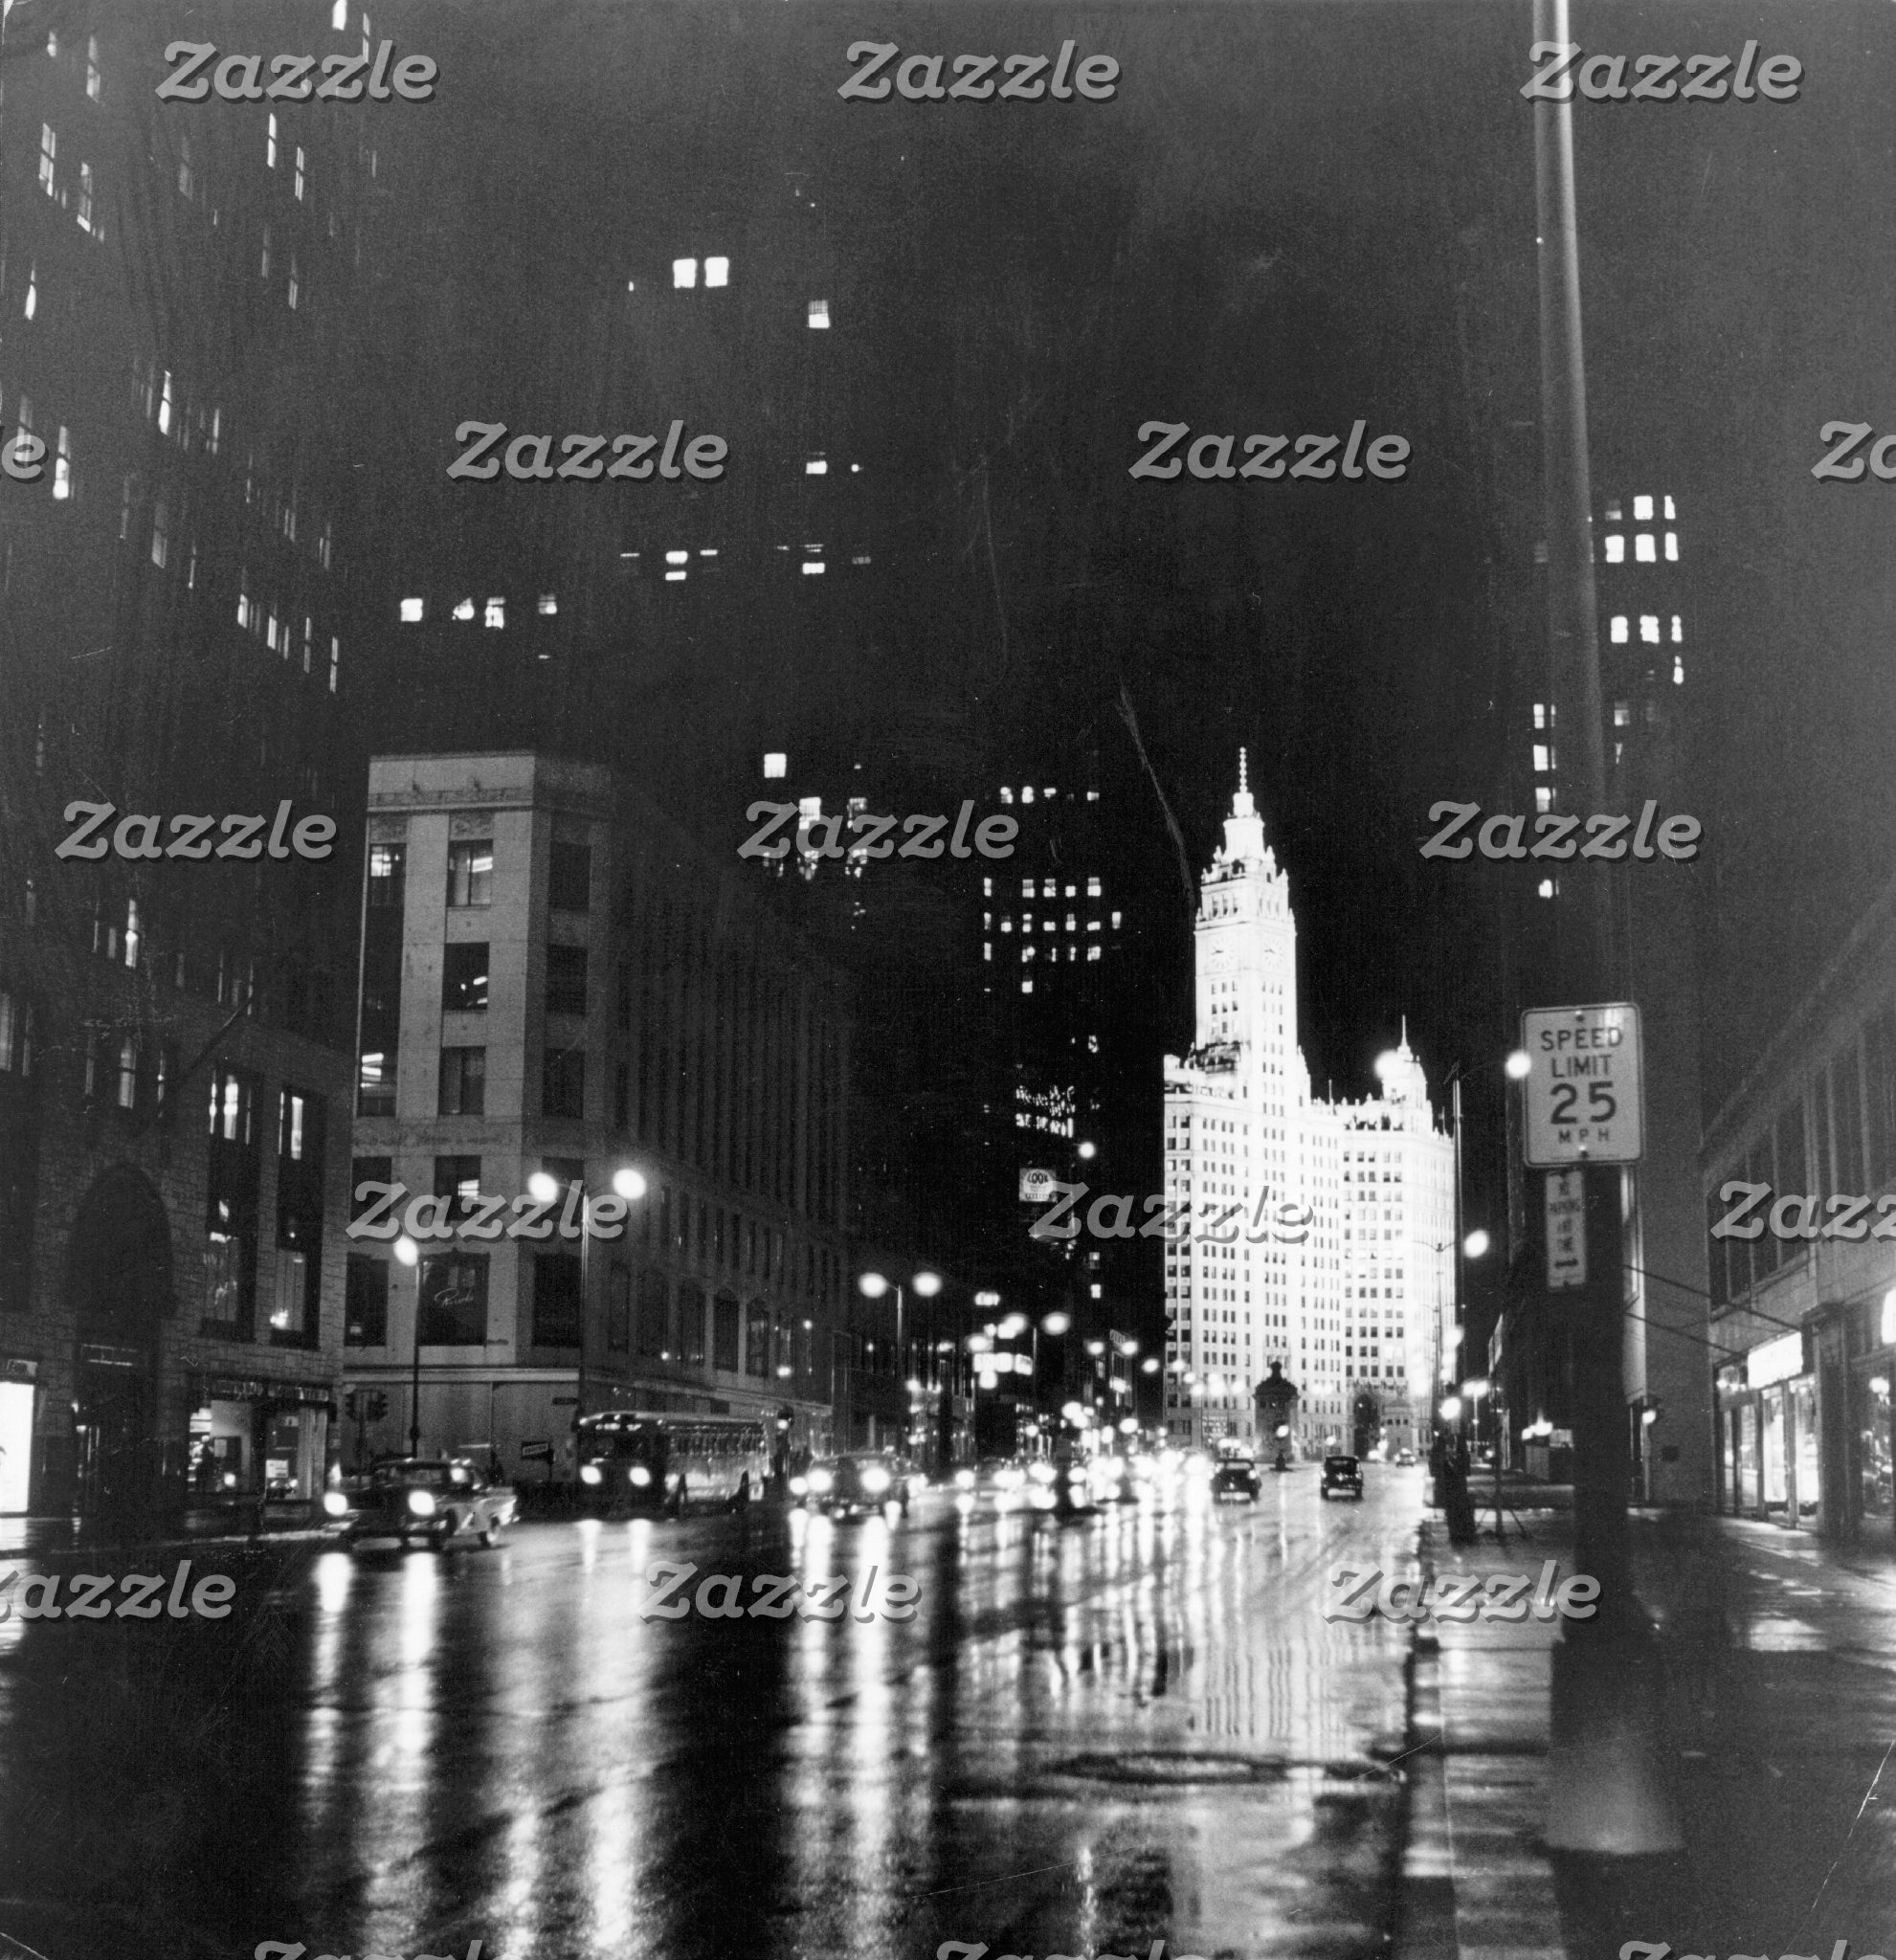 circa 1954:  A view down Michigan Avenue